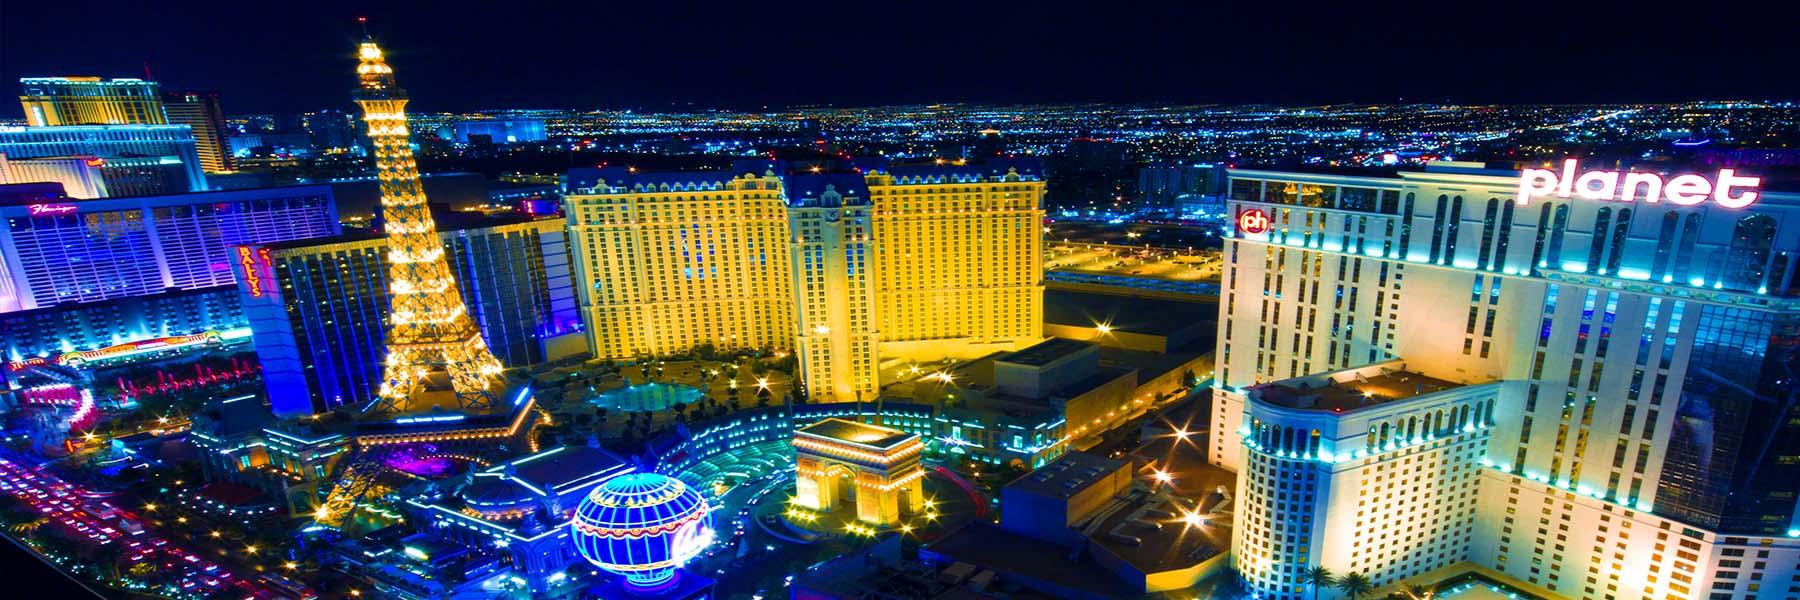 Le principe de dépôt des casino en ligne